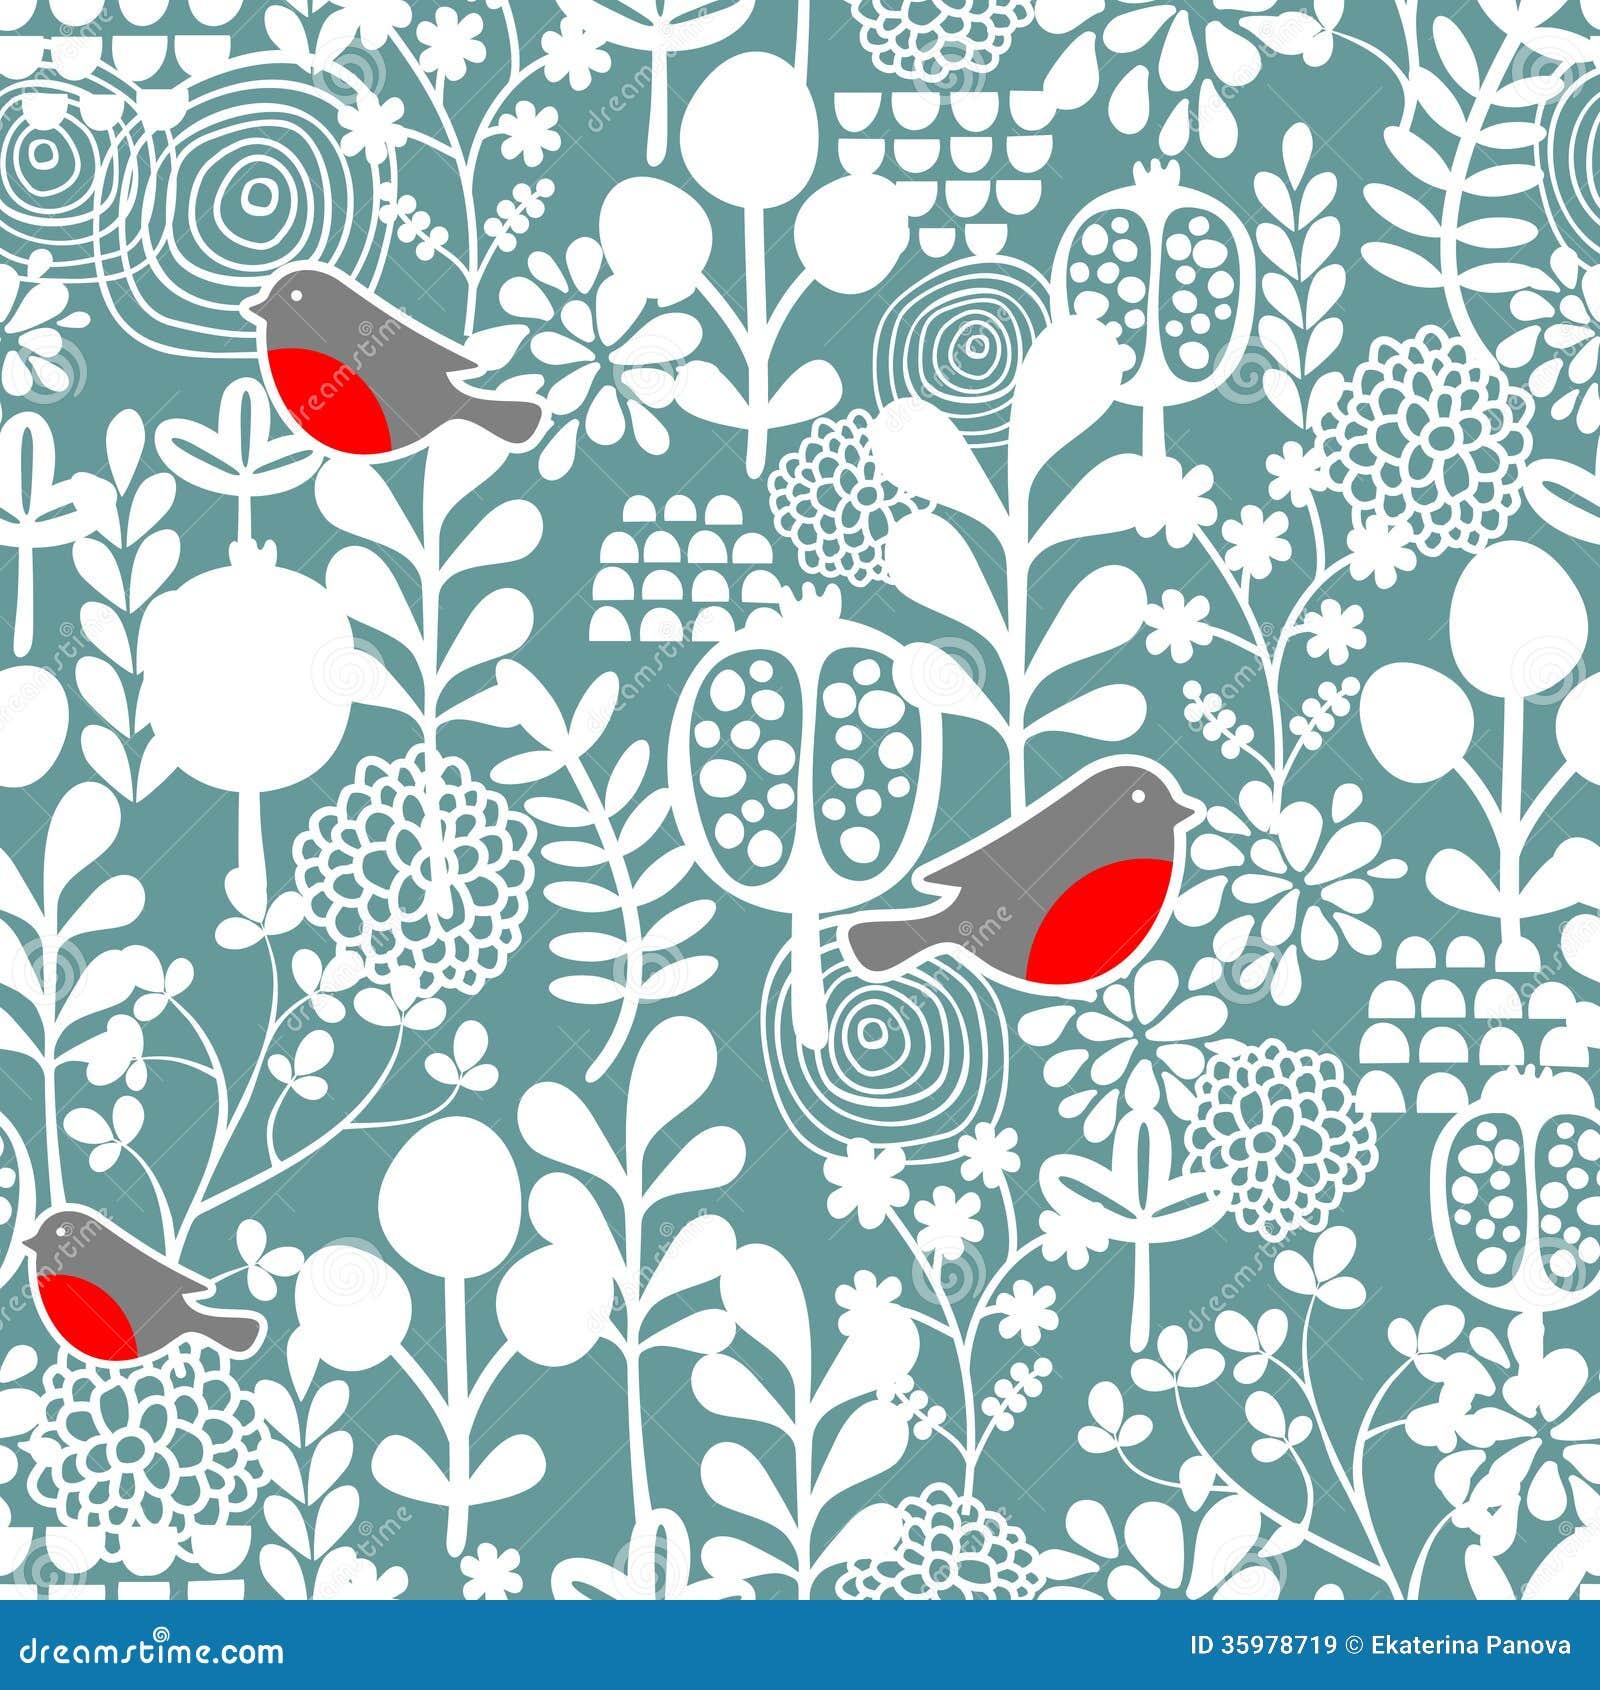 De wintervogels en bevroren bloemen naadloos patroon.